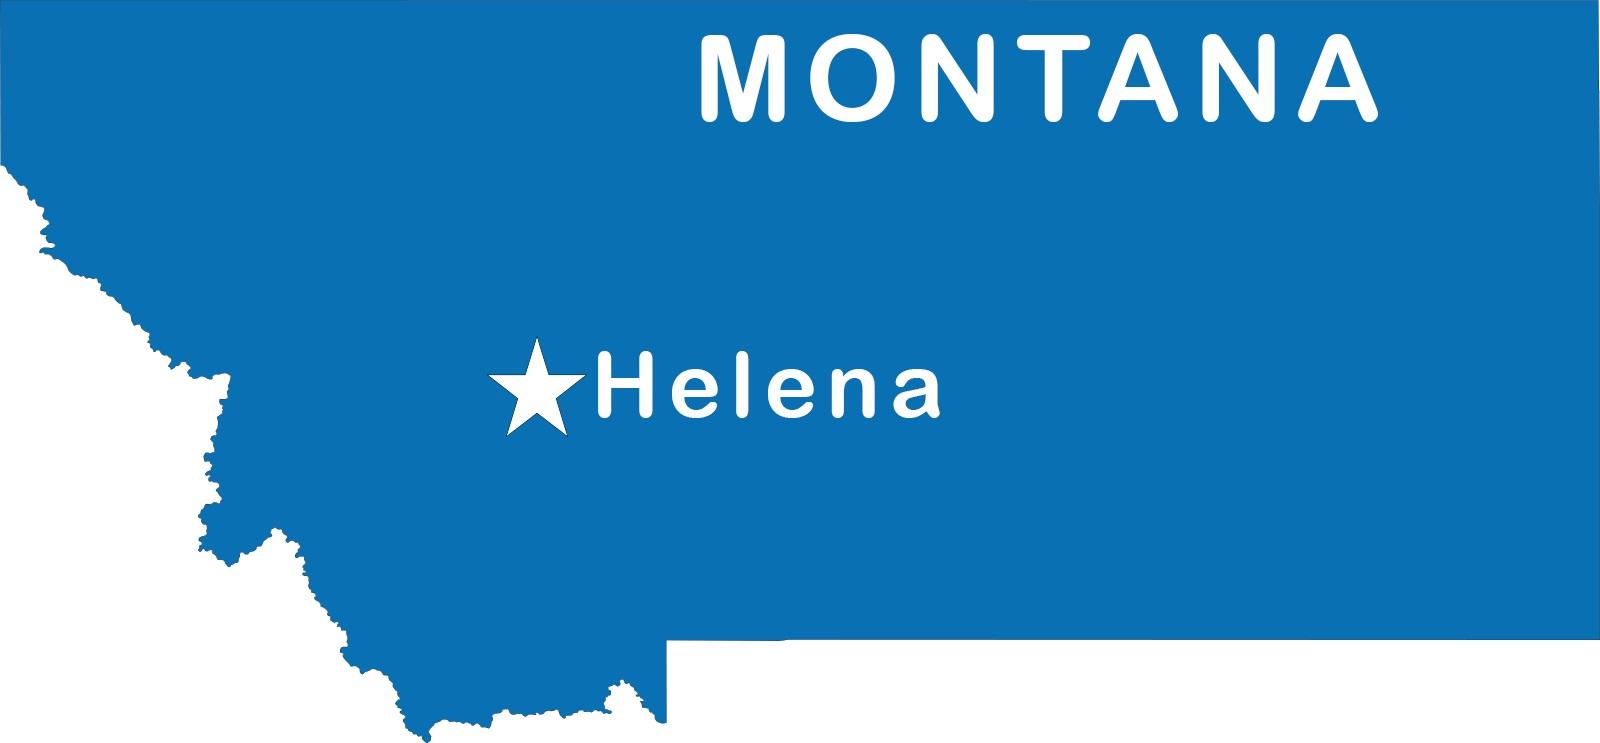 Montana Capital Map | Large Printable High Resolution and Standard Ma